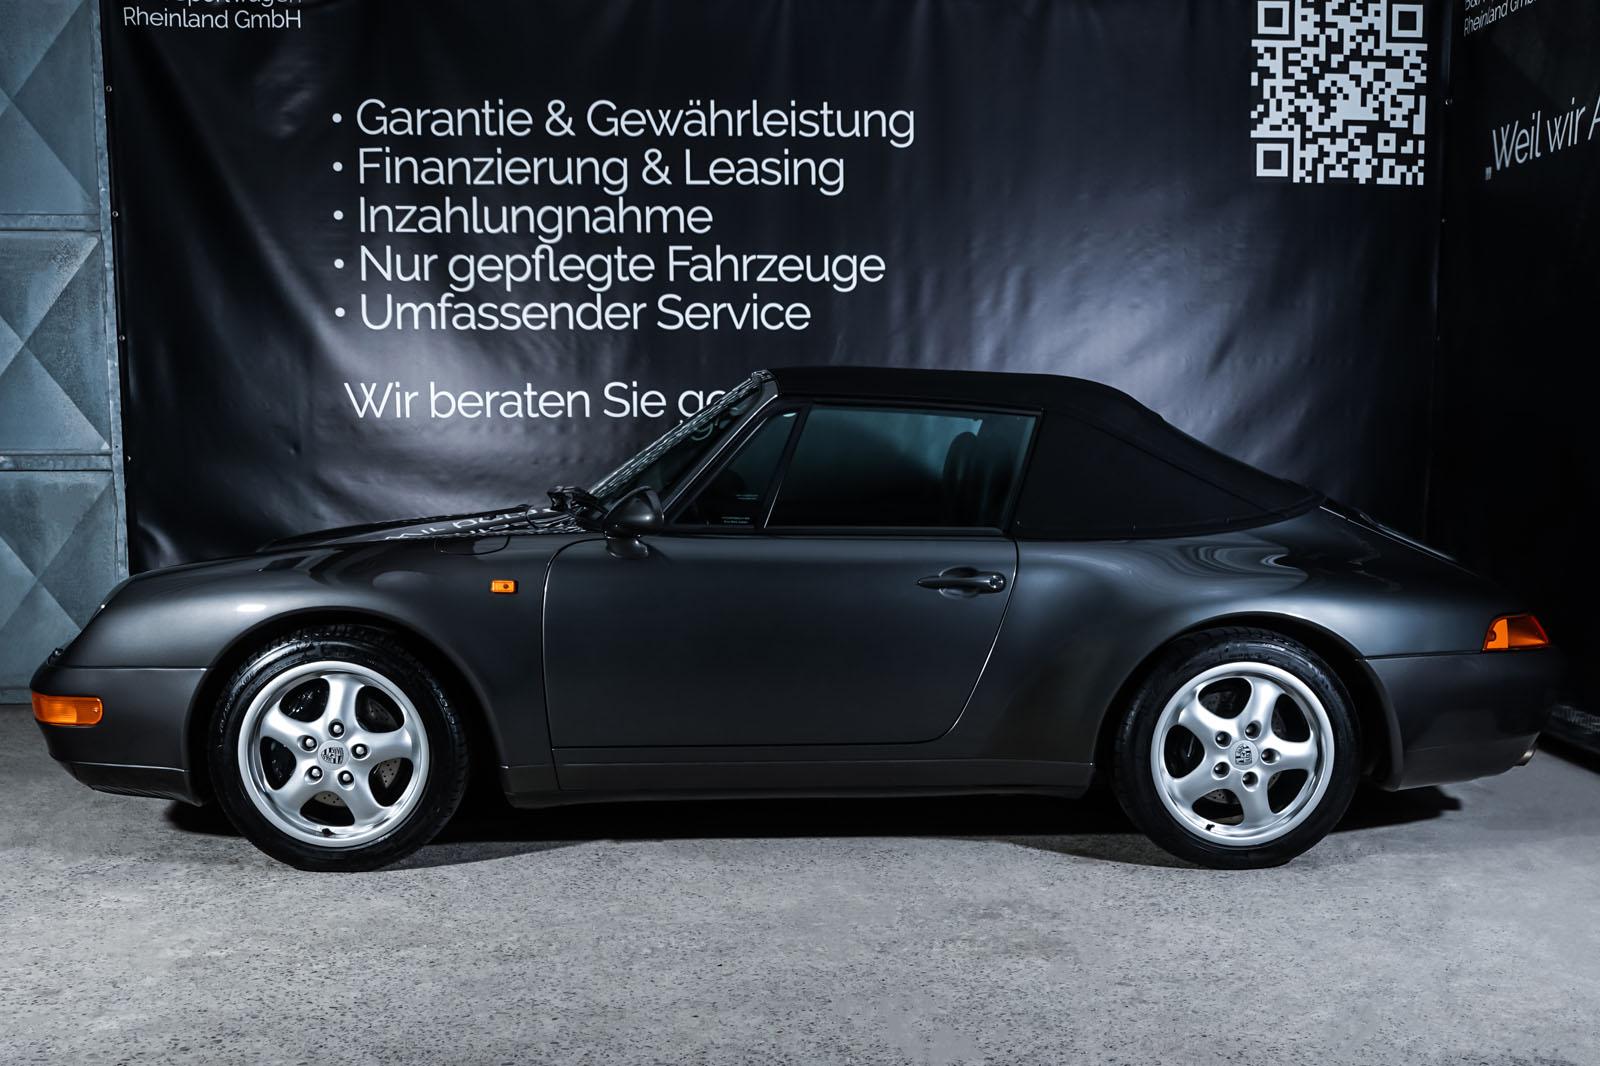 Porsche_993_Carrera_Cabrio_Grau_Schwarz_POR-2375_5_w